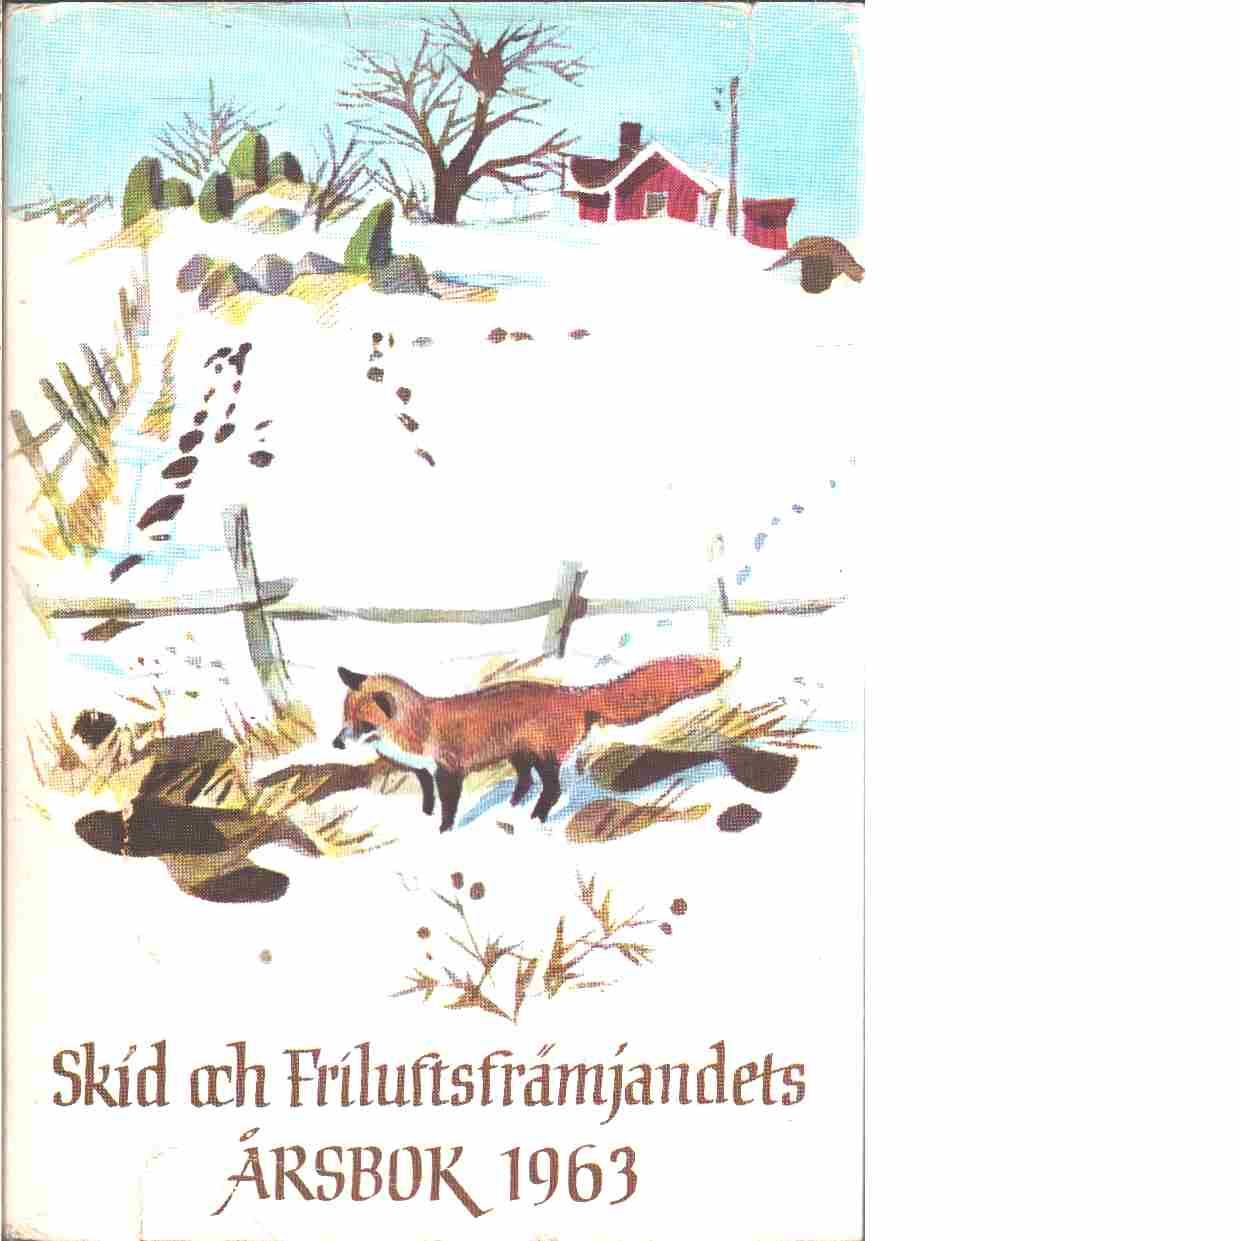 På skidor : Skid- och friluftsfrämjandets årsbok. Årsbok 1963 - Skid- och friluftsfrämjandet